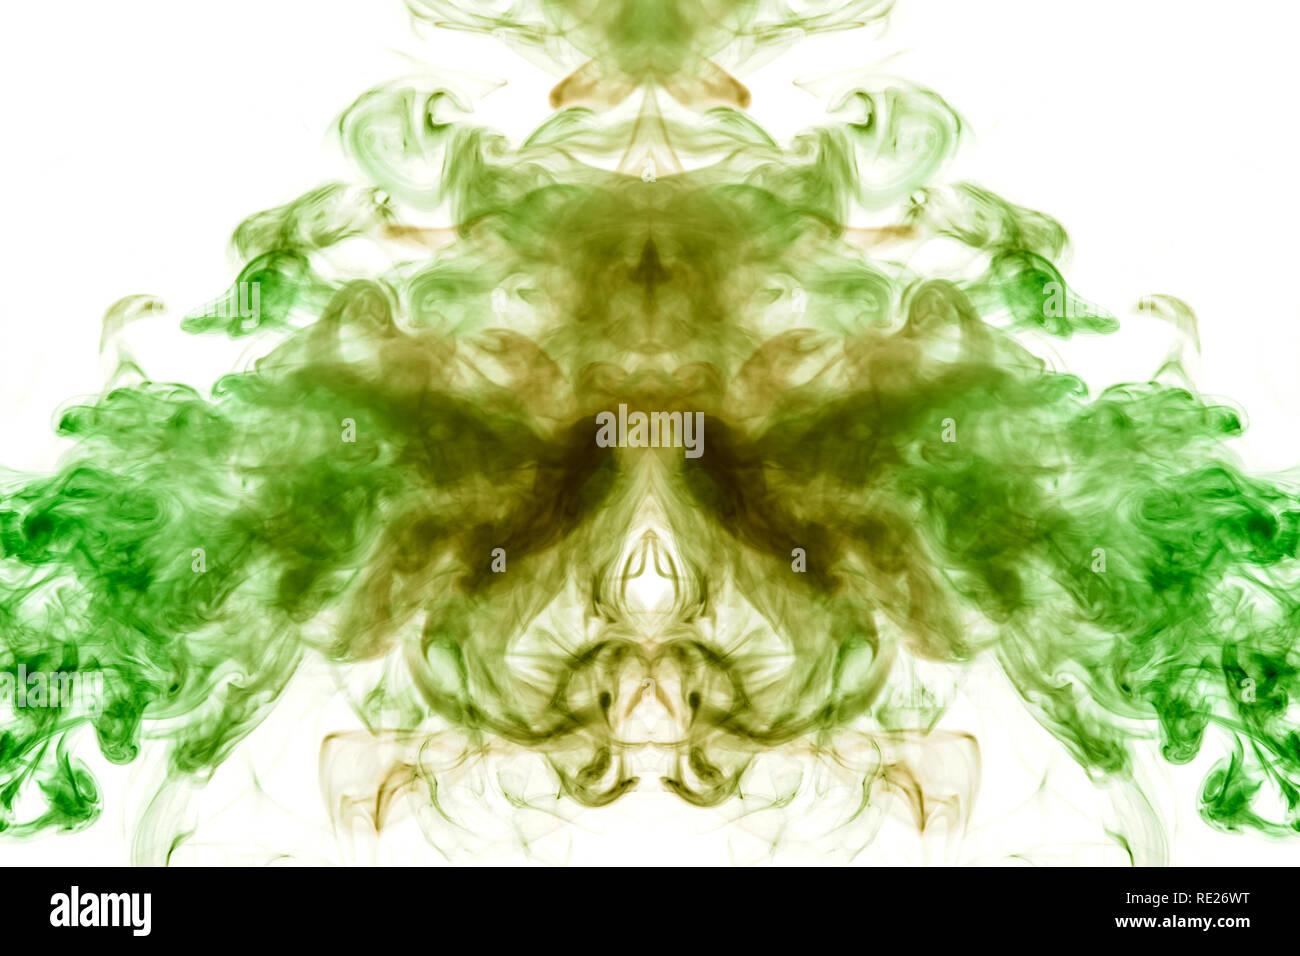 Patrón simétrico de color verde oscuro y color rojo burdeos sobre un fondo blanco aislado en la forma de un animal místico o Ghost, realizado con la ayuda de o Foto de stock